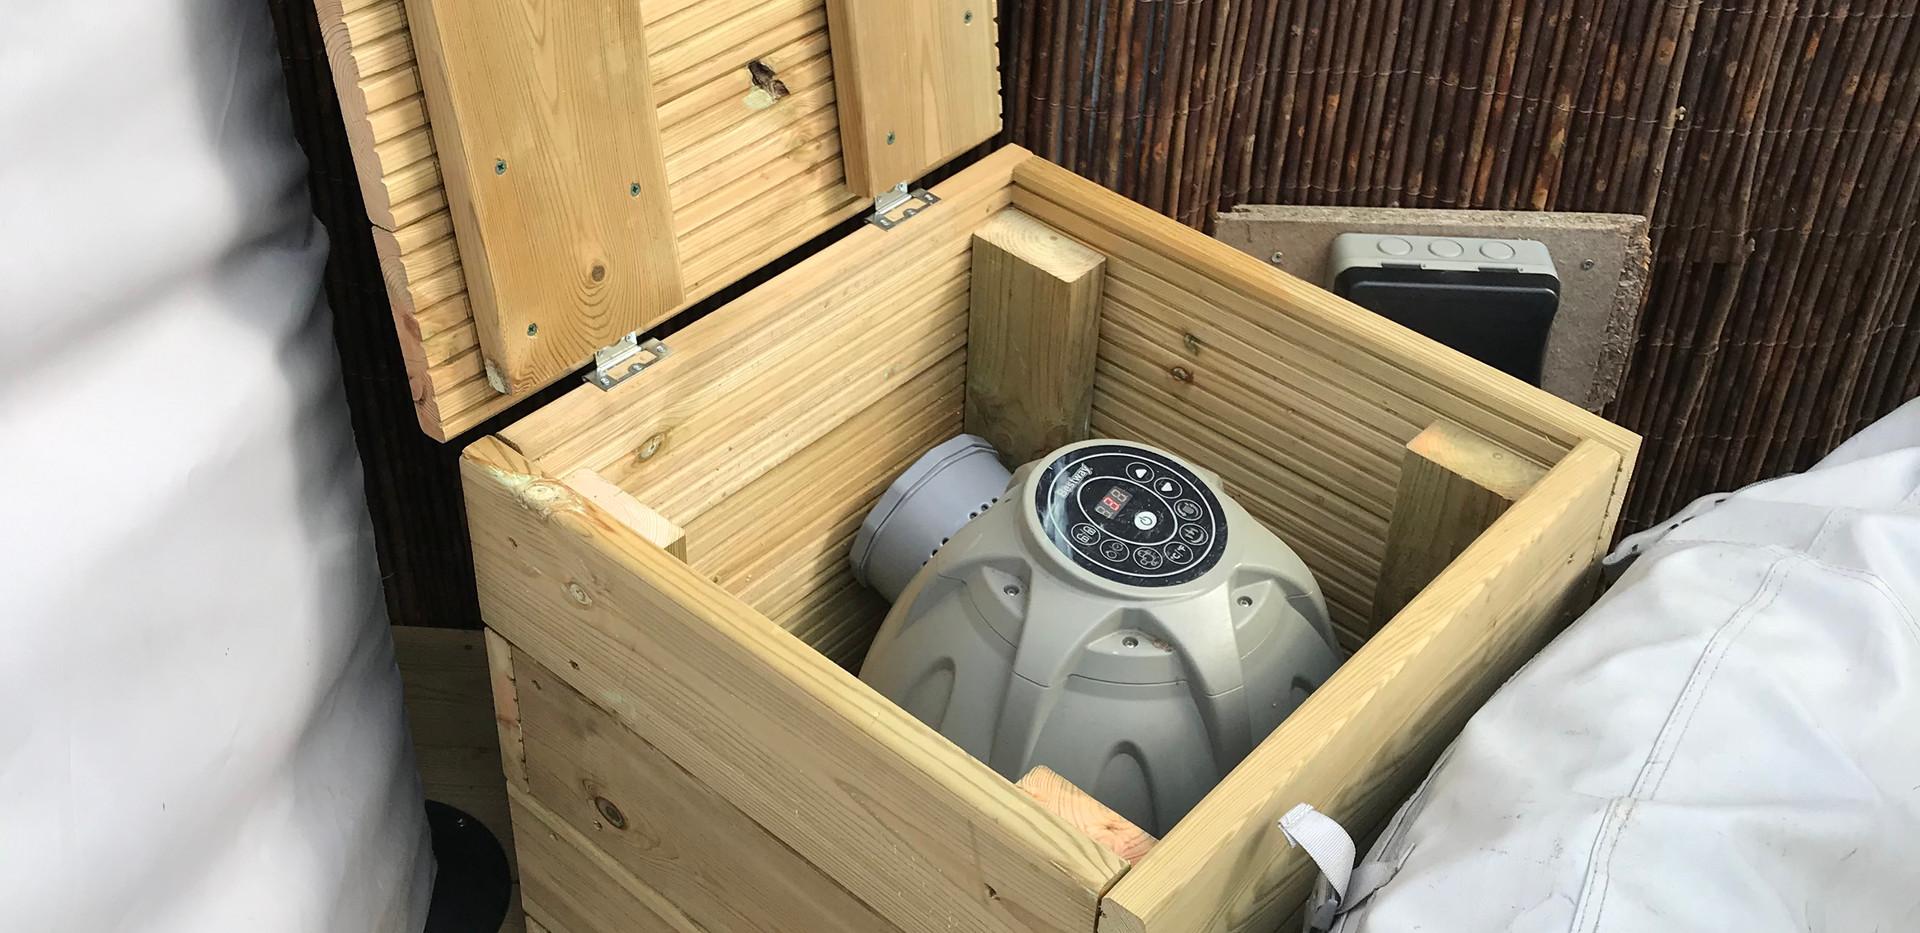 Hot tub pump housing